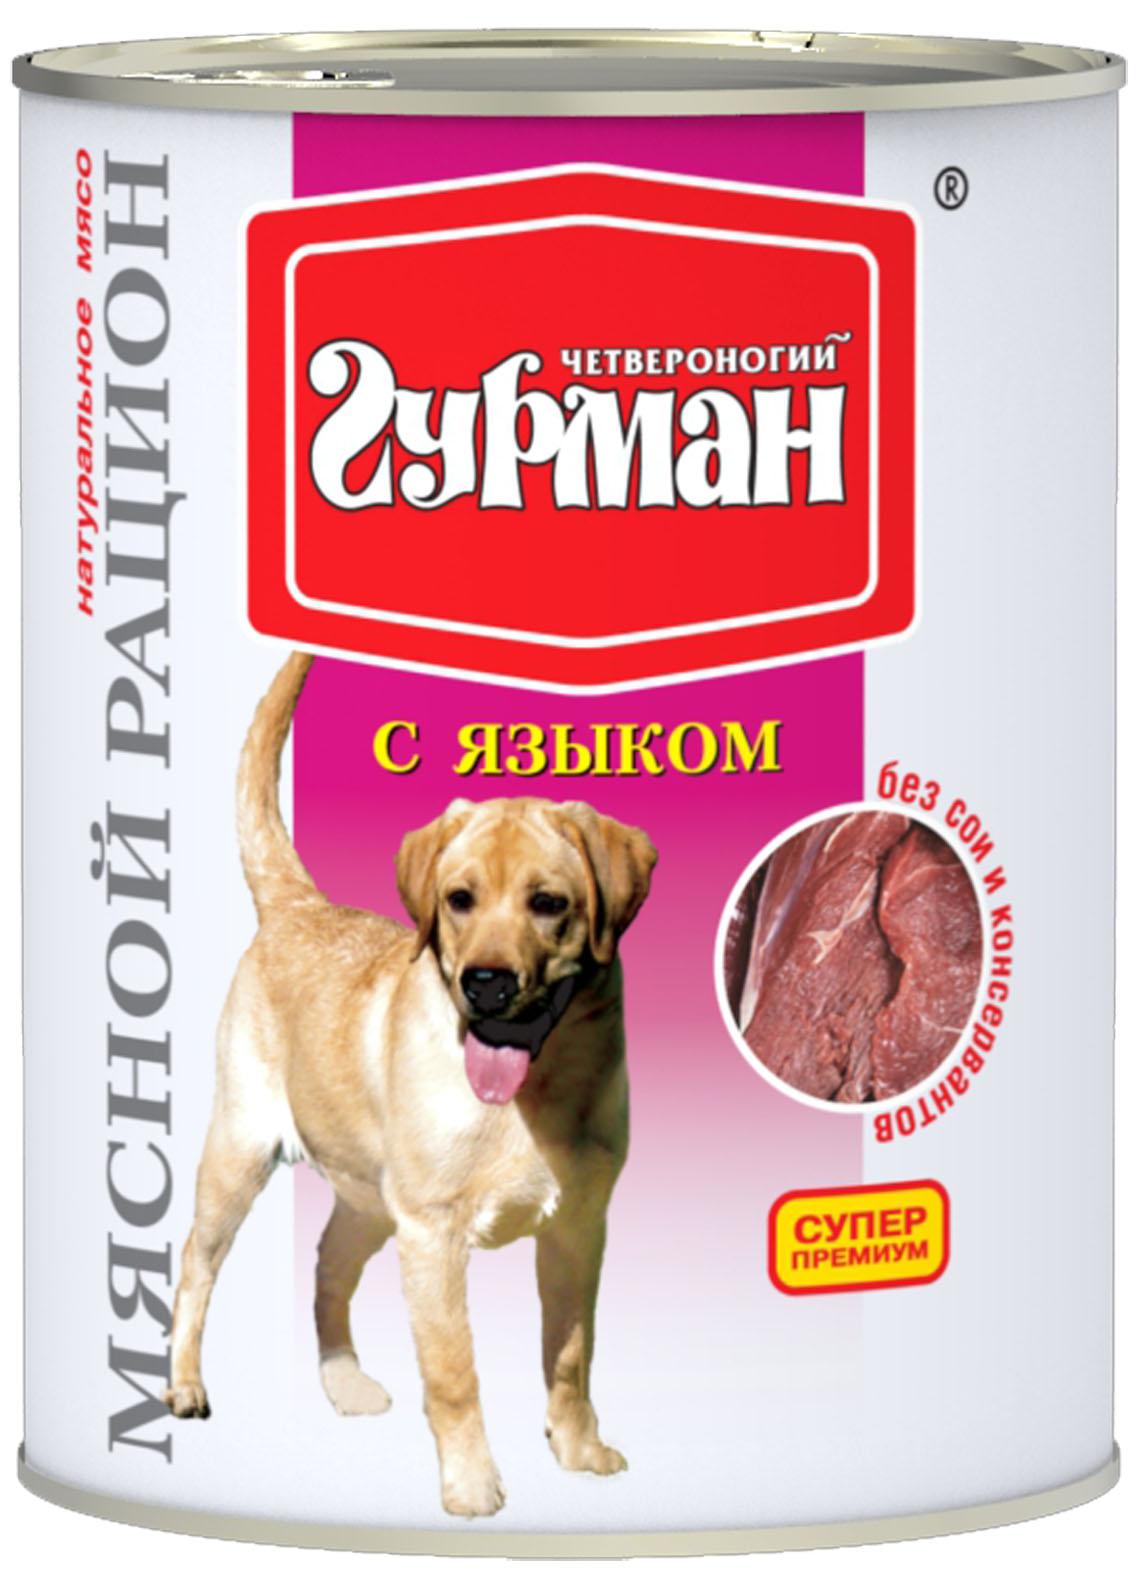 Консервы для собак Четвероногий Гурман Мясной рацион, с языком, 850 г11913Консервы Четвероногий Гурман Мясной рацион - влажные мясные консервы суперпремиум класса для собак. Изготовлены из мяса и субпродуктов, дополнительно содержат желирующую добавку, растительное масло и незначительное количество соли. Корм отличается крупной степенью измельченности, что повышает его привлекательность для собак крупных пород. Корм производится по новейшей технологии на современном оборудовании, что позволяет строго следить за его качеством. Специальная щадящая технология обработки компонентов позволяет сохранить максимальное количество витаминов, микроэлементов и питательных веществ, необходимых любой собаке. Корм производится из высококачественного натурального мяса, без добавления сои, ароматизаторов и красителей, имеет отличный вкус и привлекательный аромат. Такие консервы вы можете давать собаке как отдельно, так и смешивая их с кашей или овощами. Консервы Четвероногий Гурман Мясной рацион - прекрасное и вкусное дополнение к...